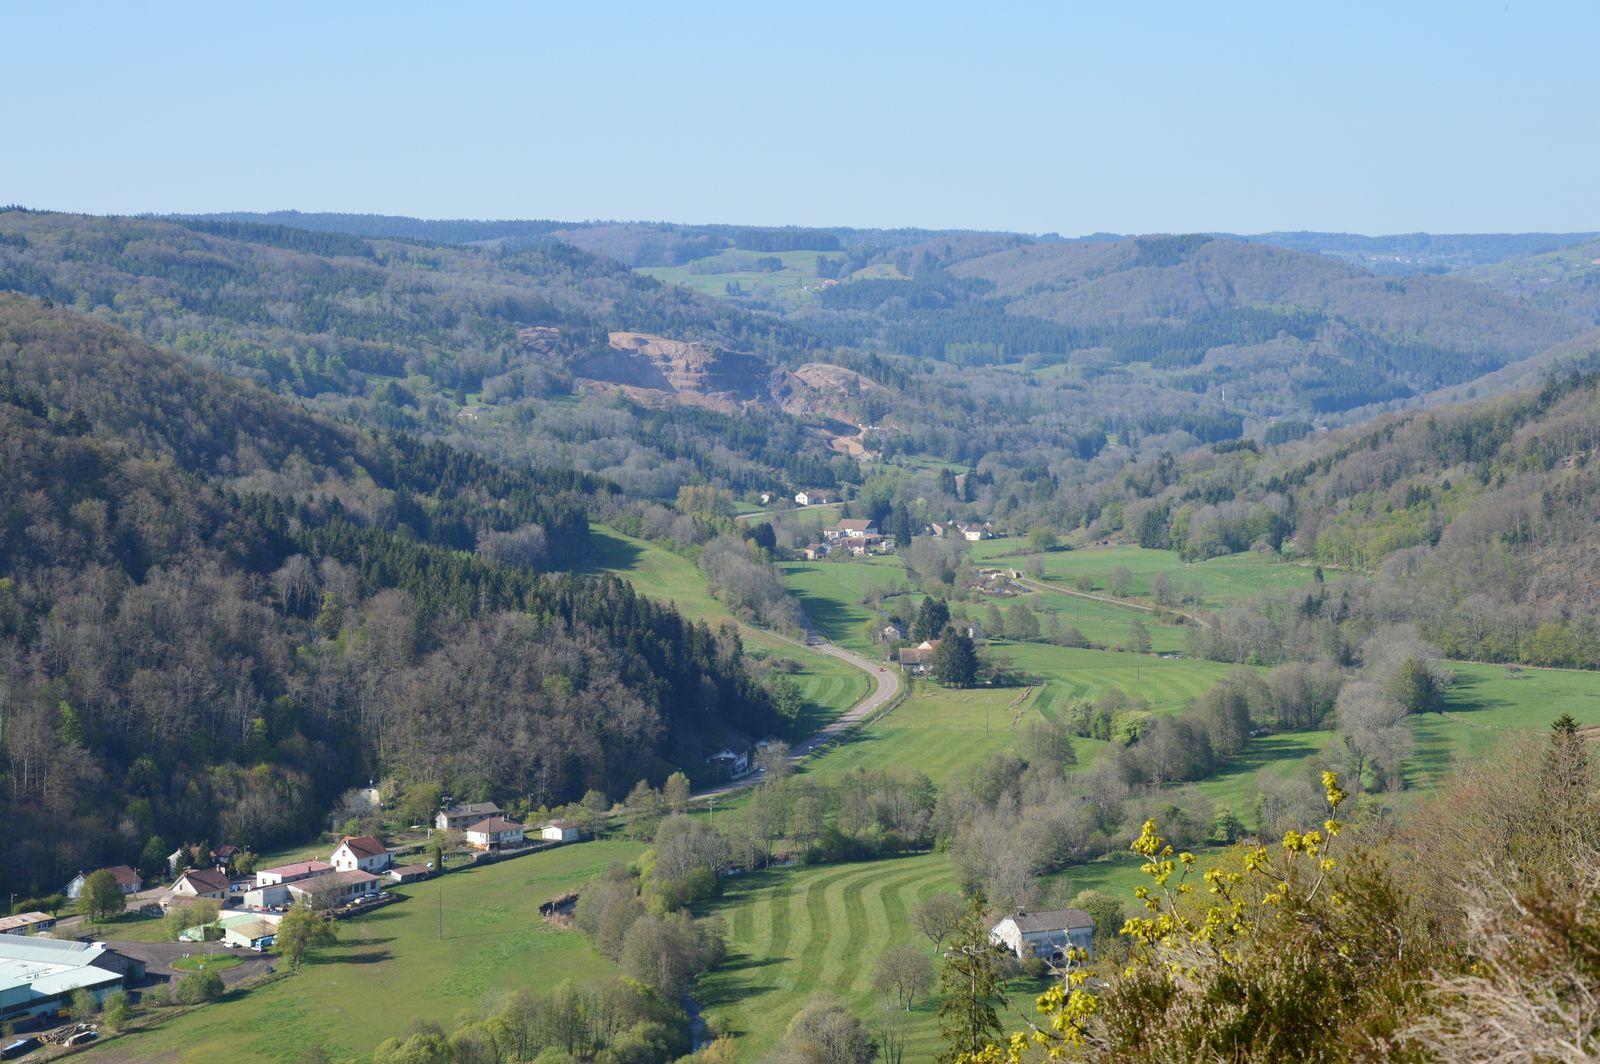 Route en direction des Vosges.